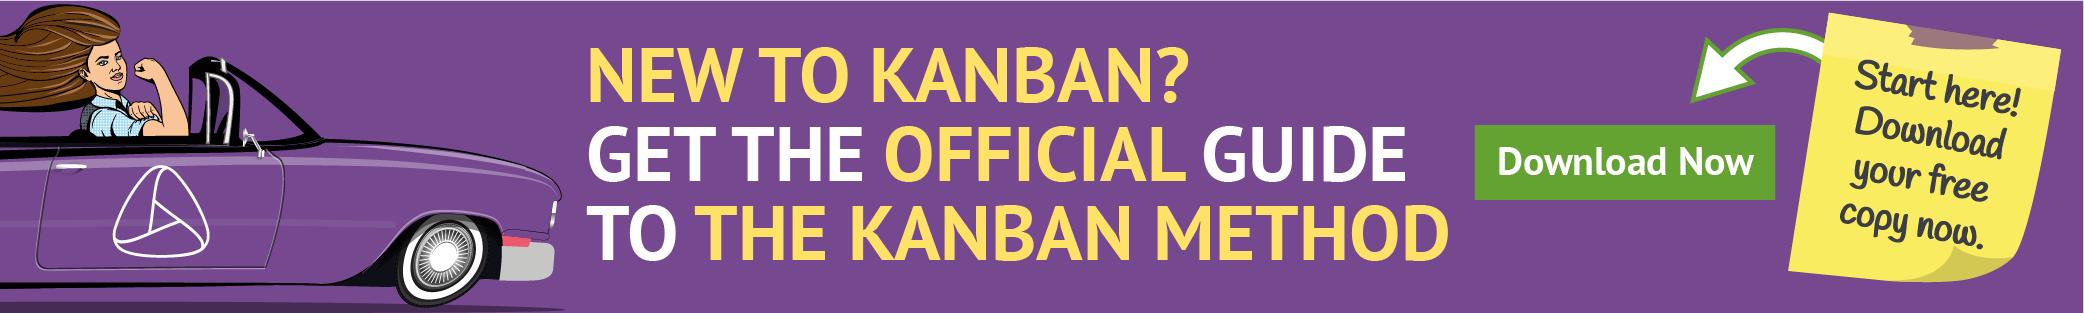 kanban-guide-banner-2[2]-01